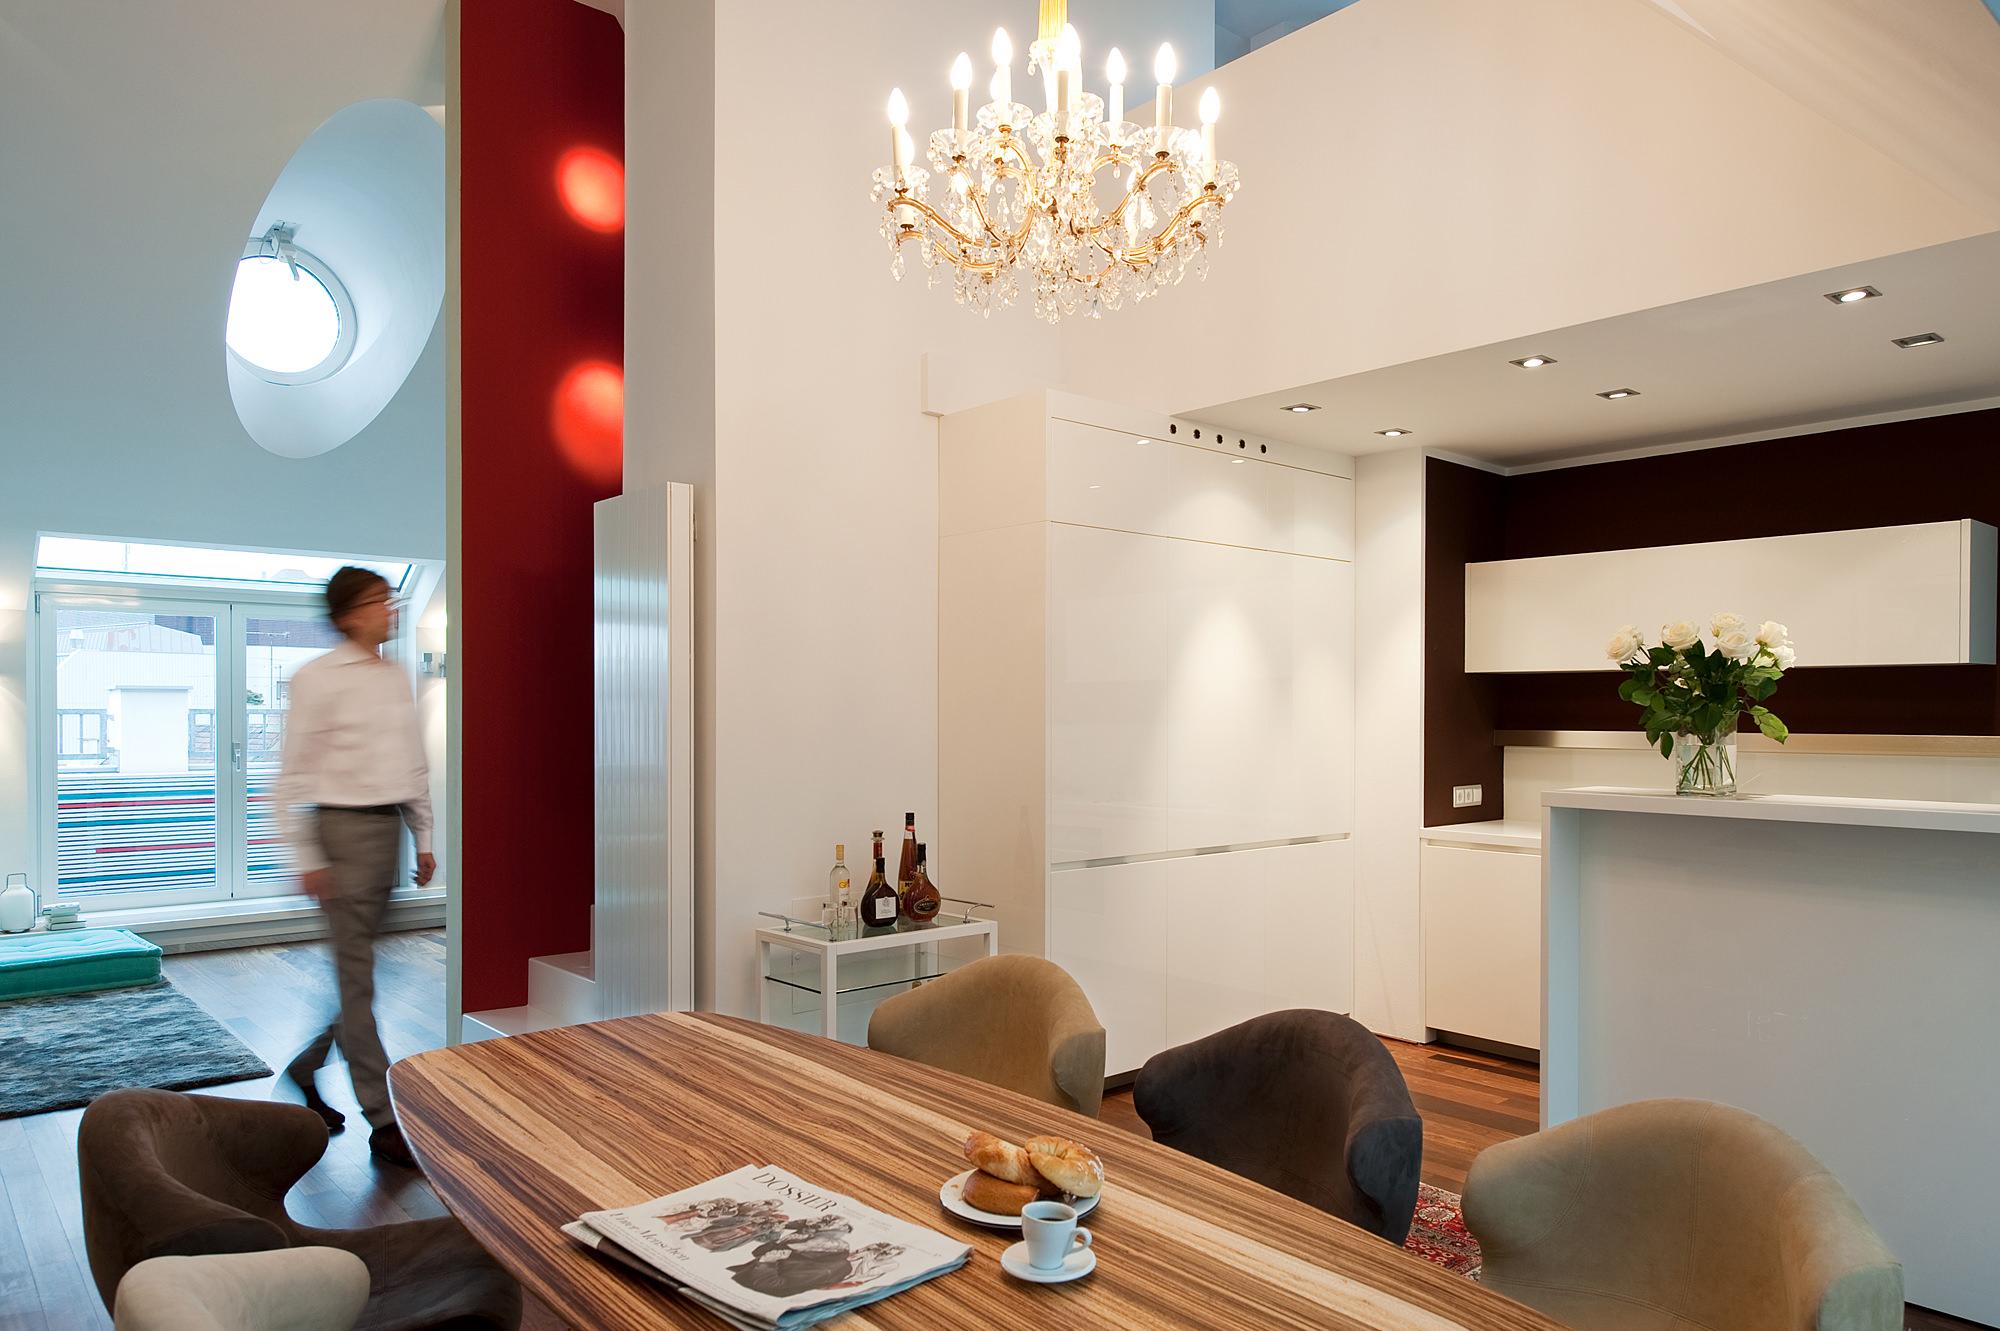 penthouse_wien_4_04_umbau_und_innenraumgestaltung_einer_dachgeschosswohnung__junger_beer_architektur